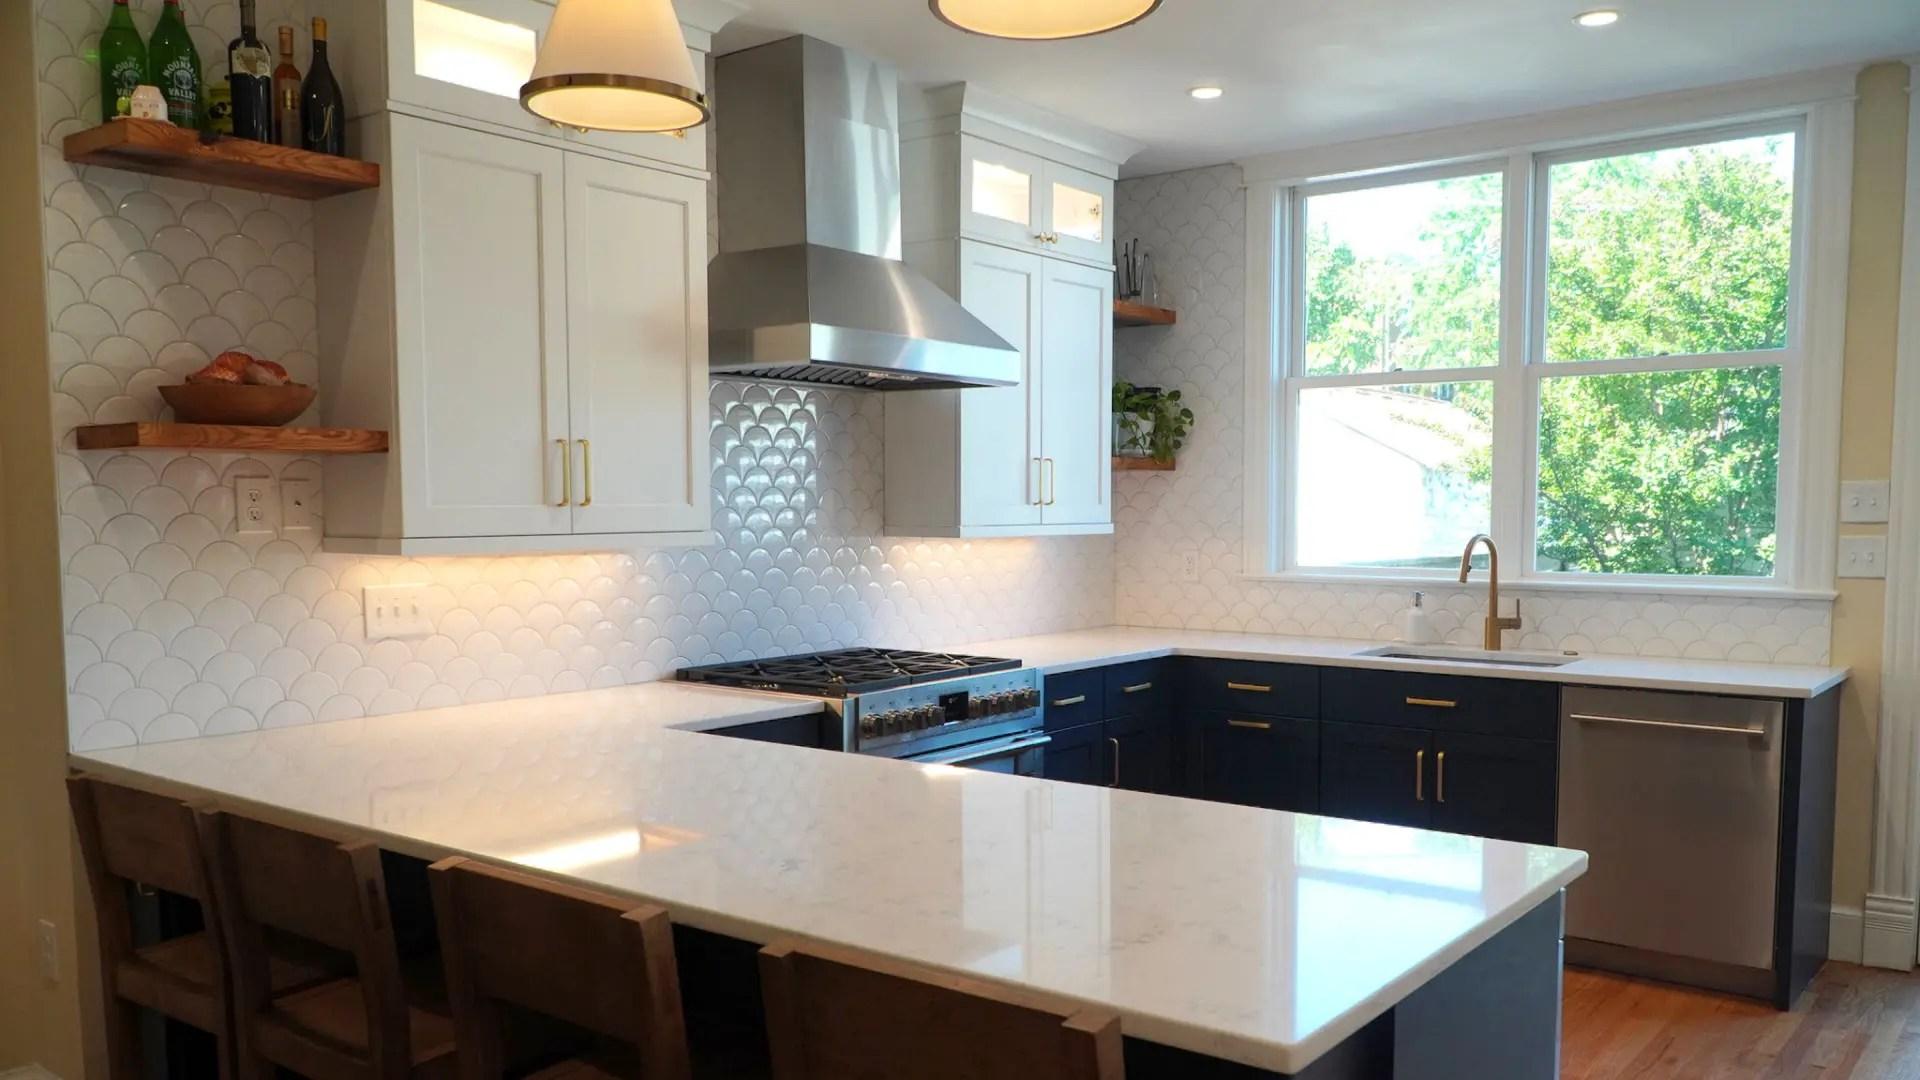 Keil-Kitchen-Fishscale-Blue-White-Full